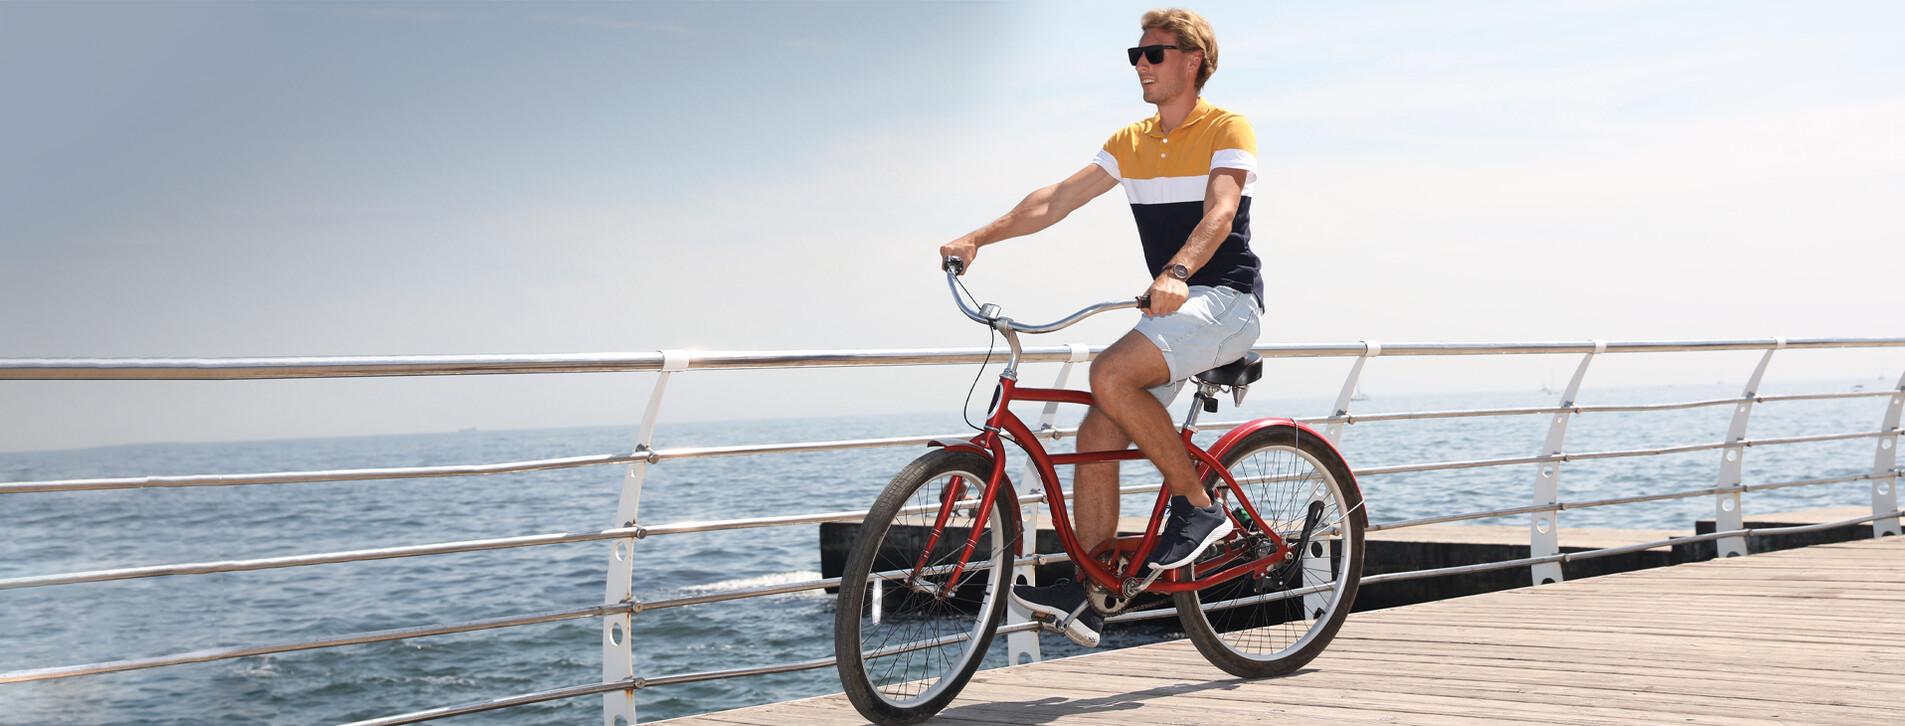 Fotoğraf 1 - Deniz Kıyısında Bisiklet Turu